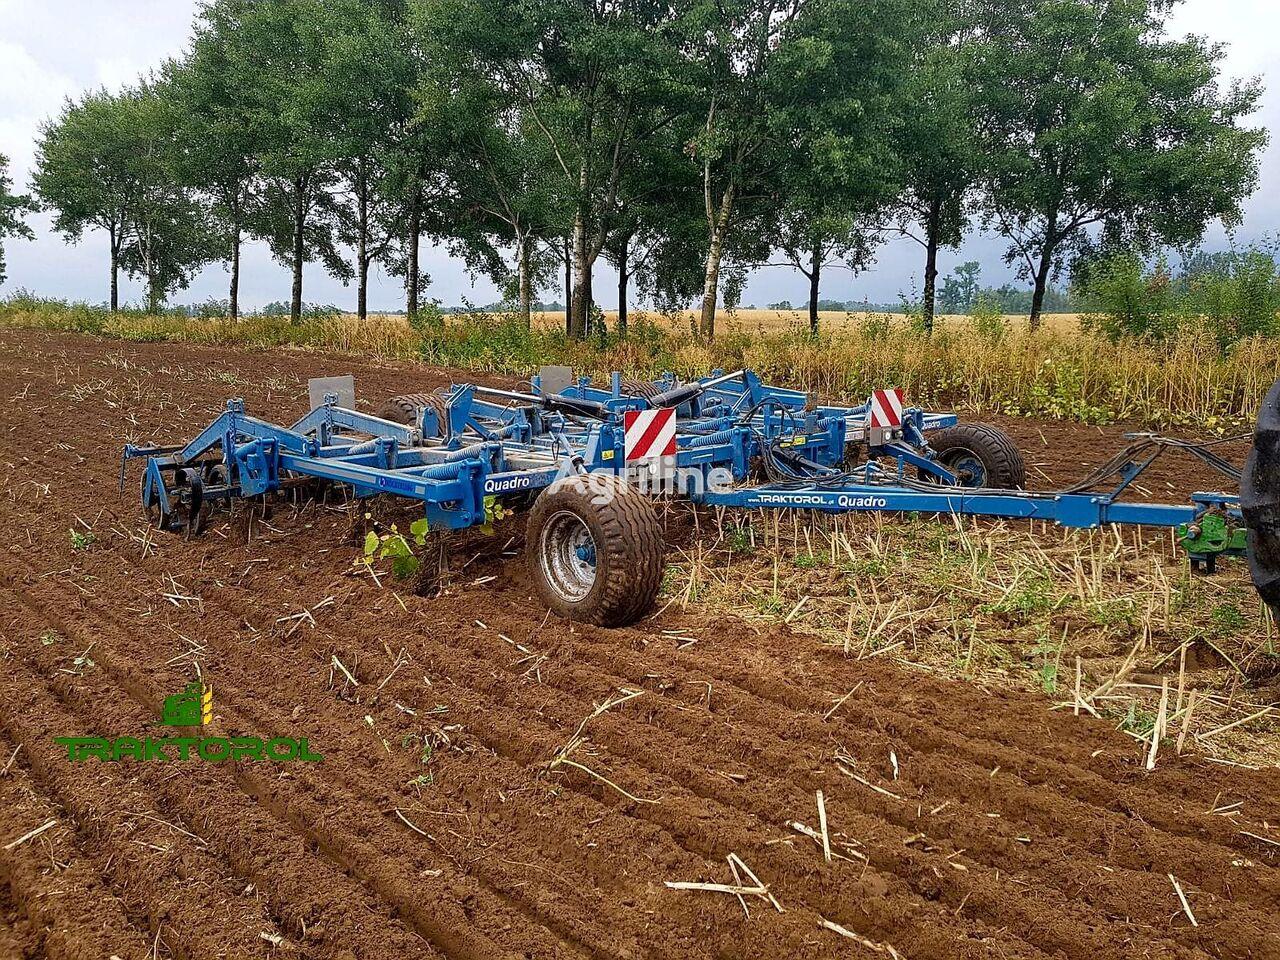 coltivatore KÖCKERLING Quadro 570 SGF 21/4